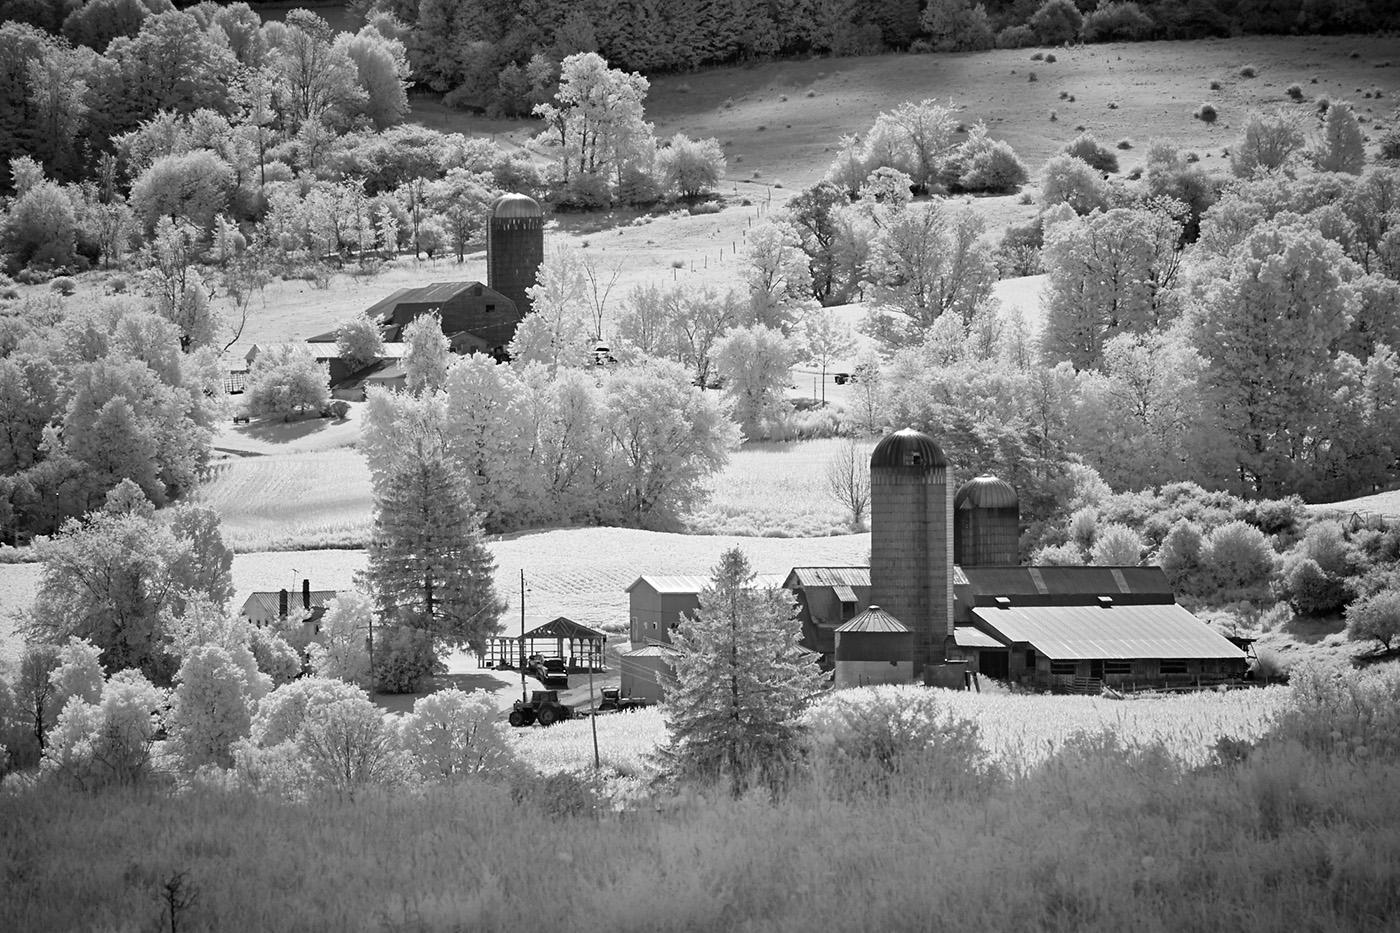 Farm in Morning, Hamilton, New York